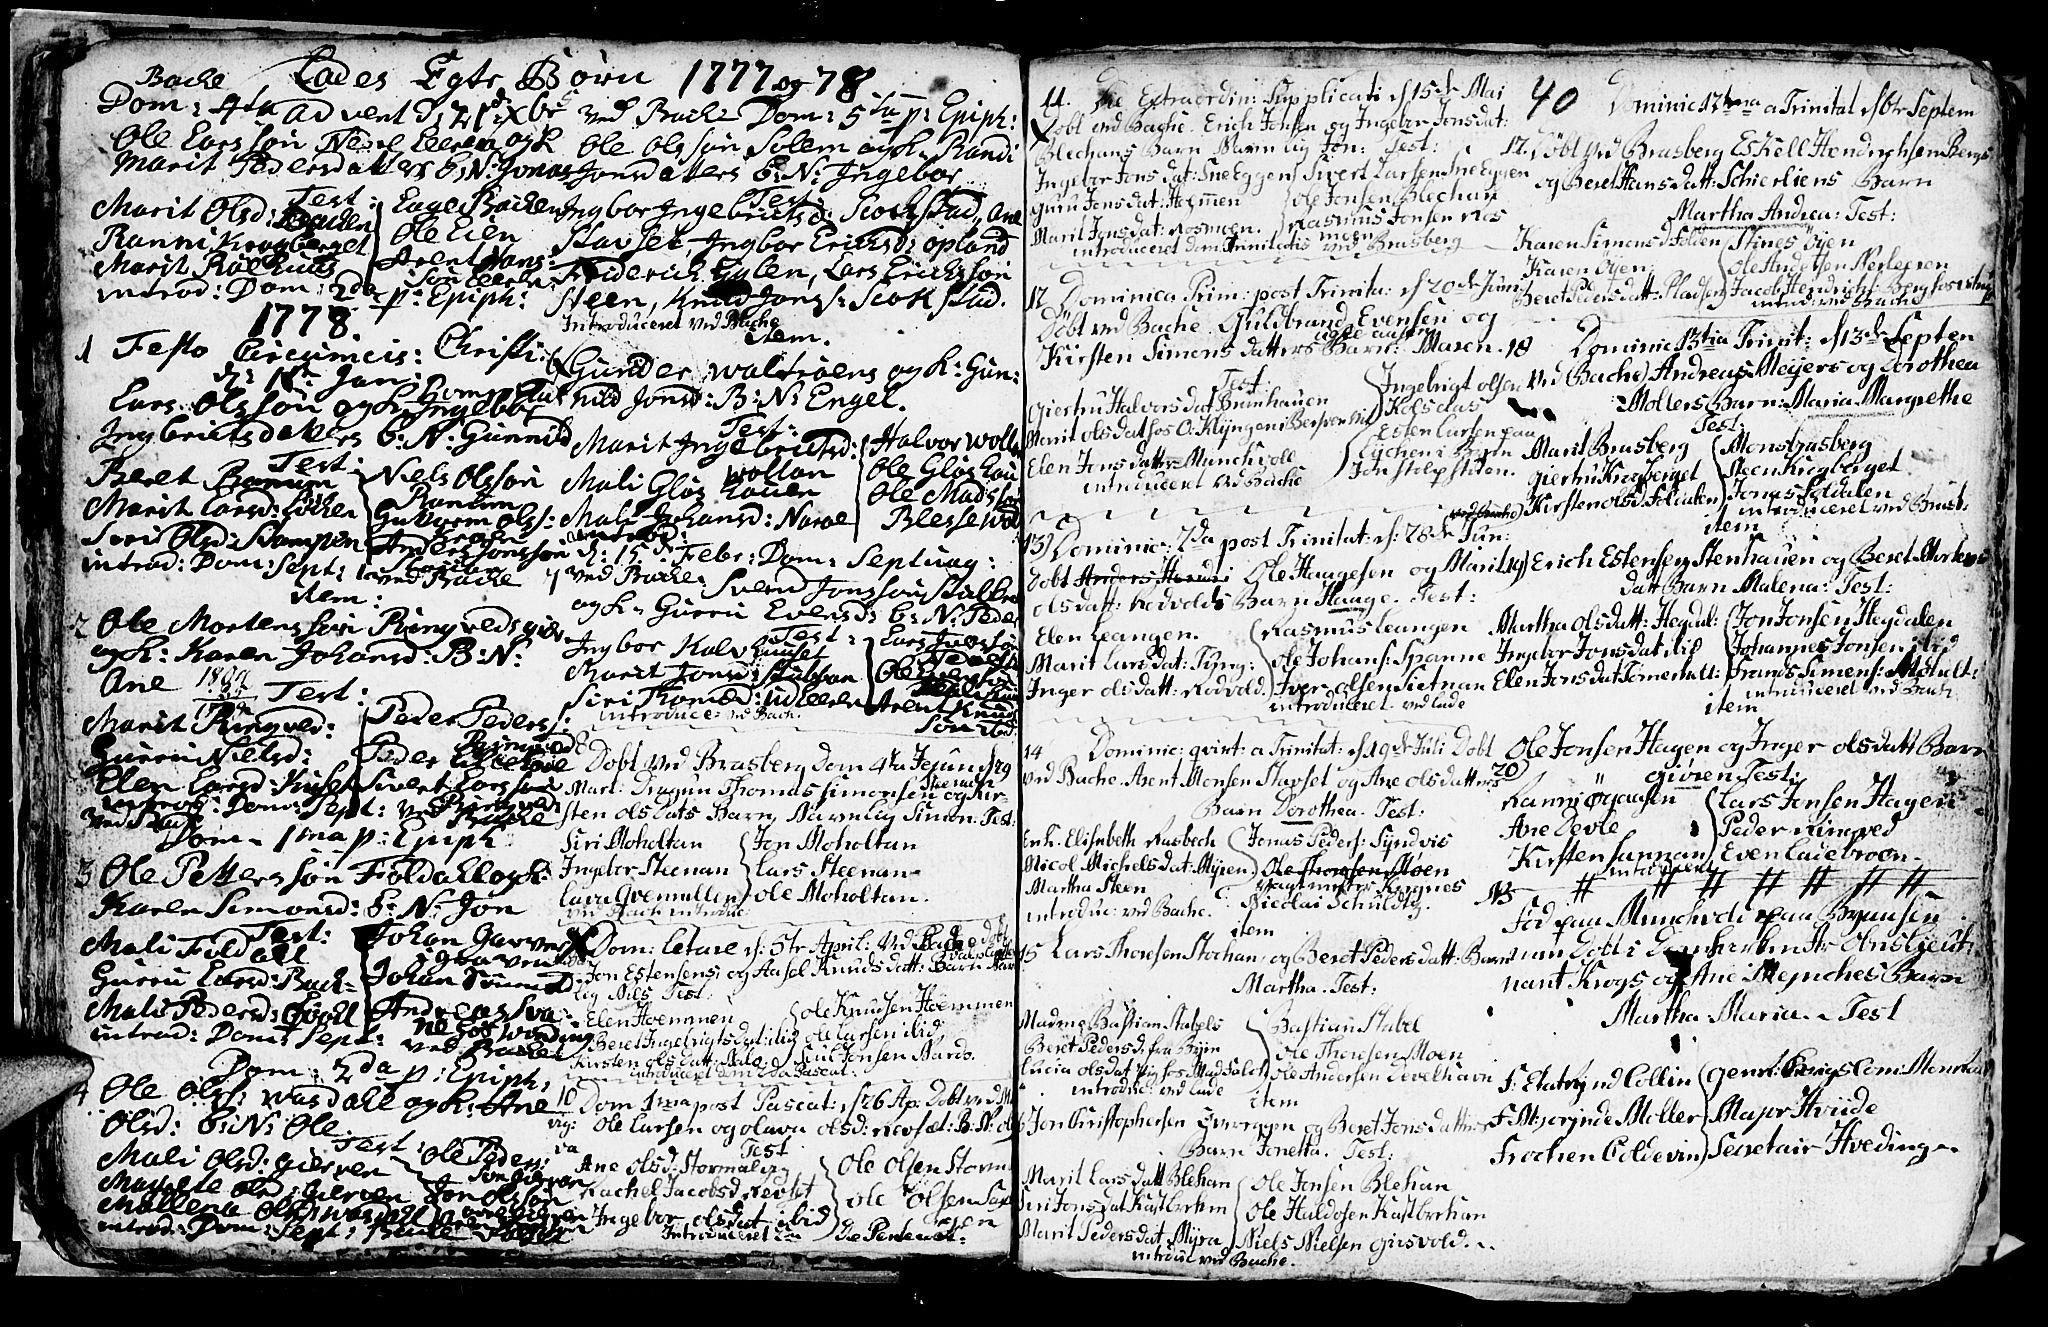 SAT, Ministerialprotokoller, klokkerbøker og fødselsregistre - Sør-Trøndelag, 606/L0305: Klokkerbok nr. 606C01, 1757-1819, s. 40